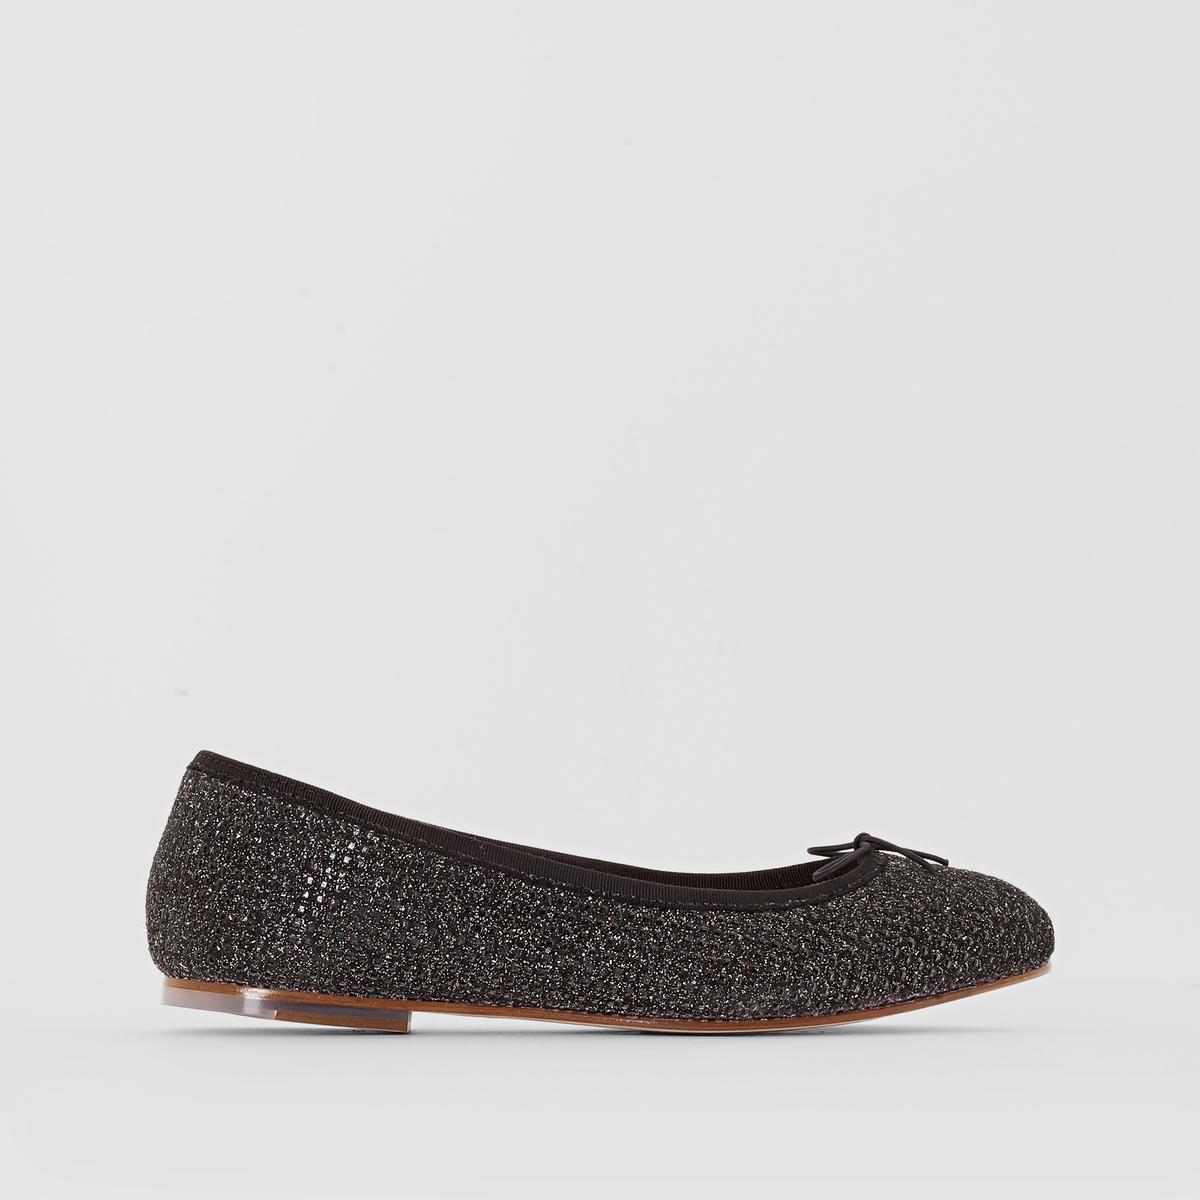 Балетки кожаные BLOCHПреимущества  : элегантные и изящные балетки BLOCH, немного блестящий верх и небольшой бантик спереди.<br><br>Цвет: черный